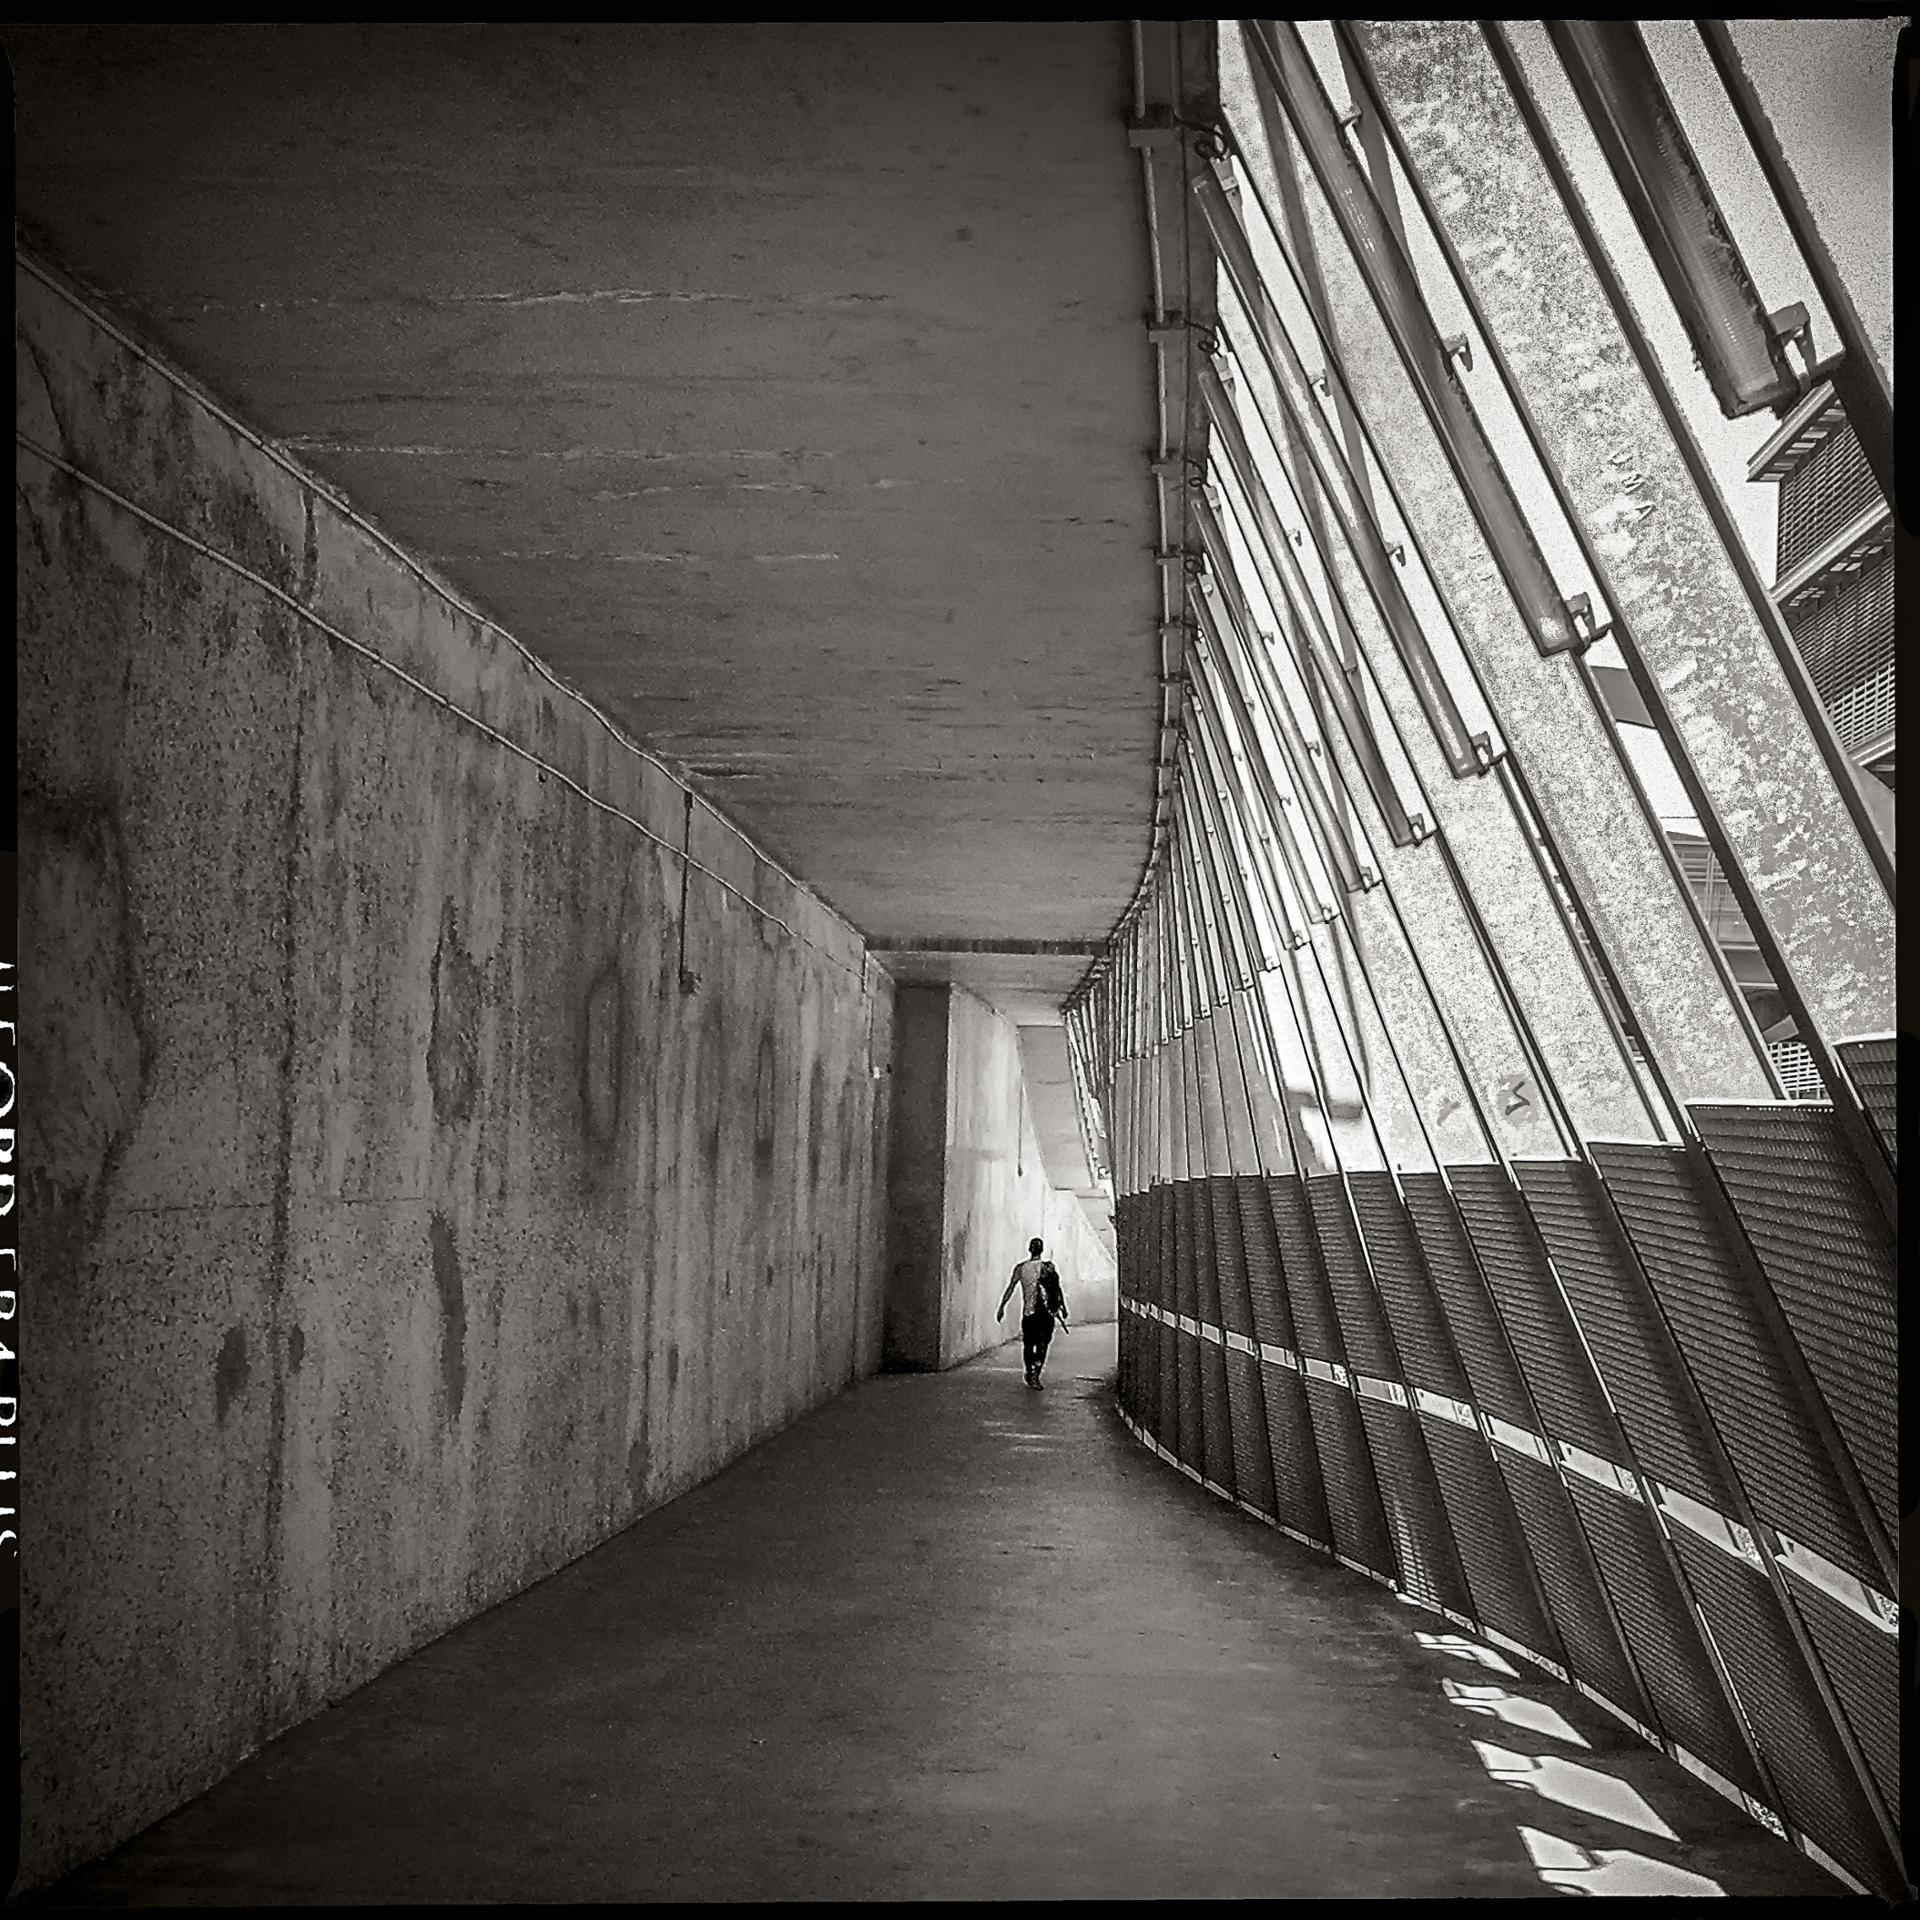 Au couloir du métro